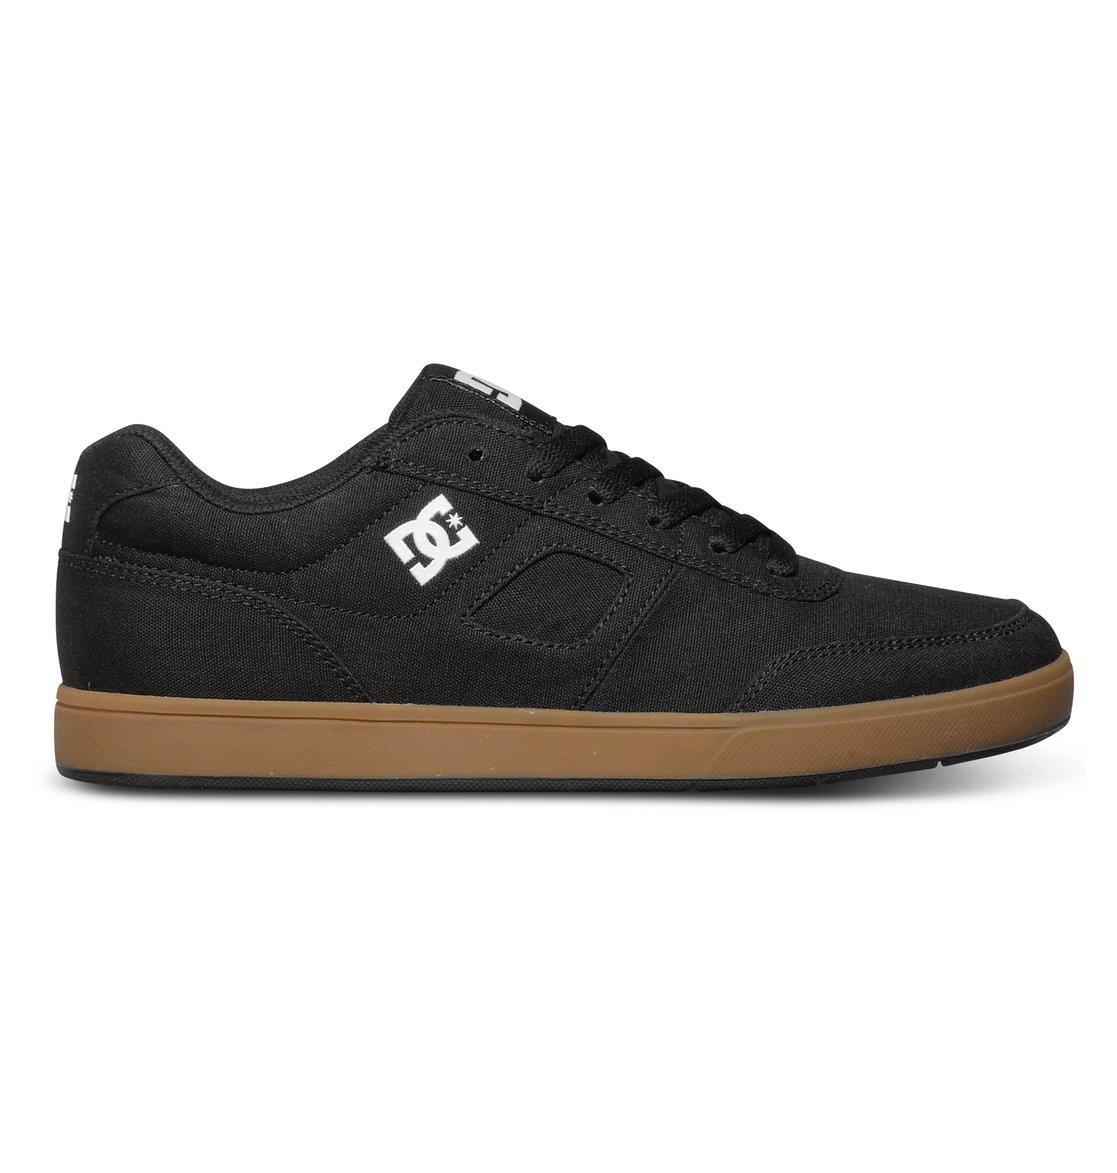 DC Mens Cue Skate Shoe UD0K6V0IW